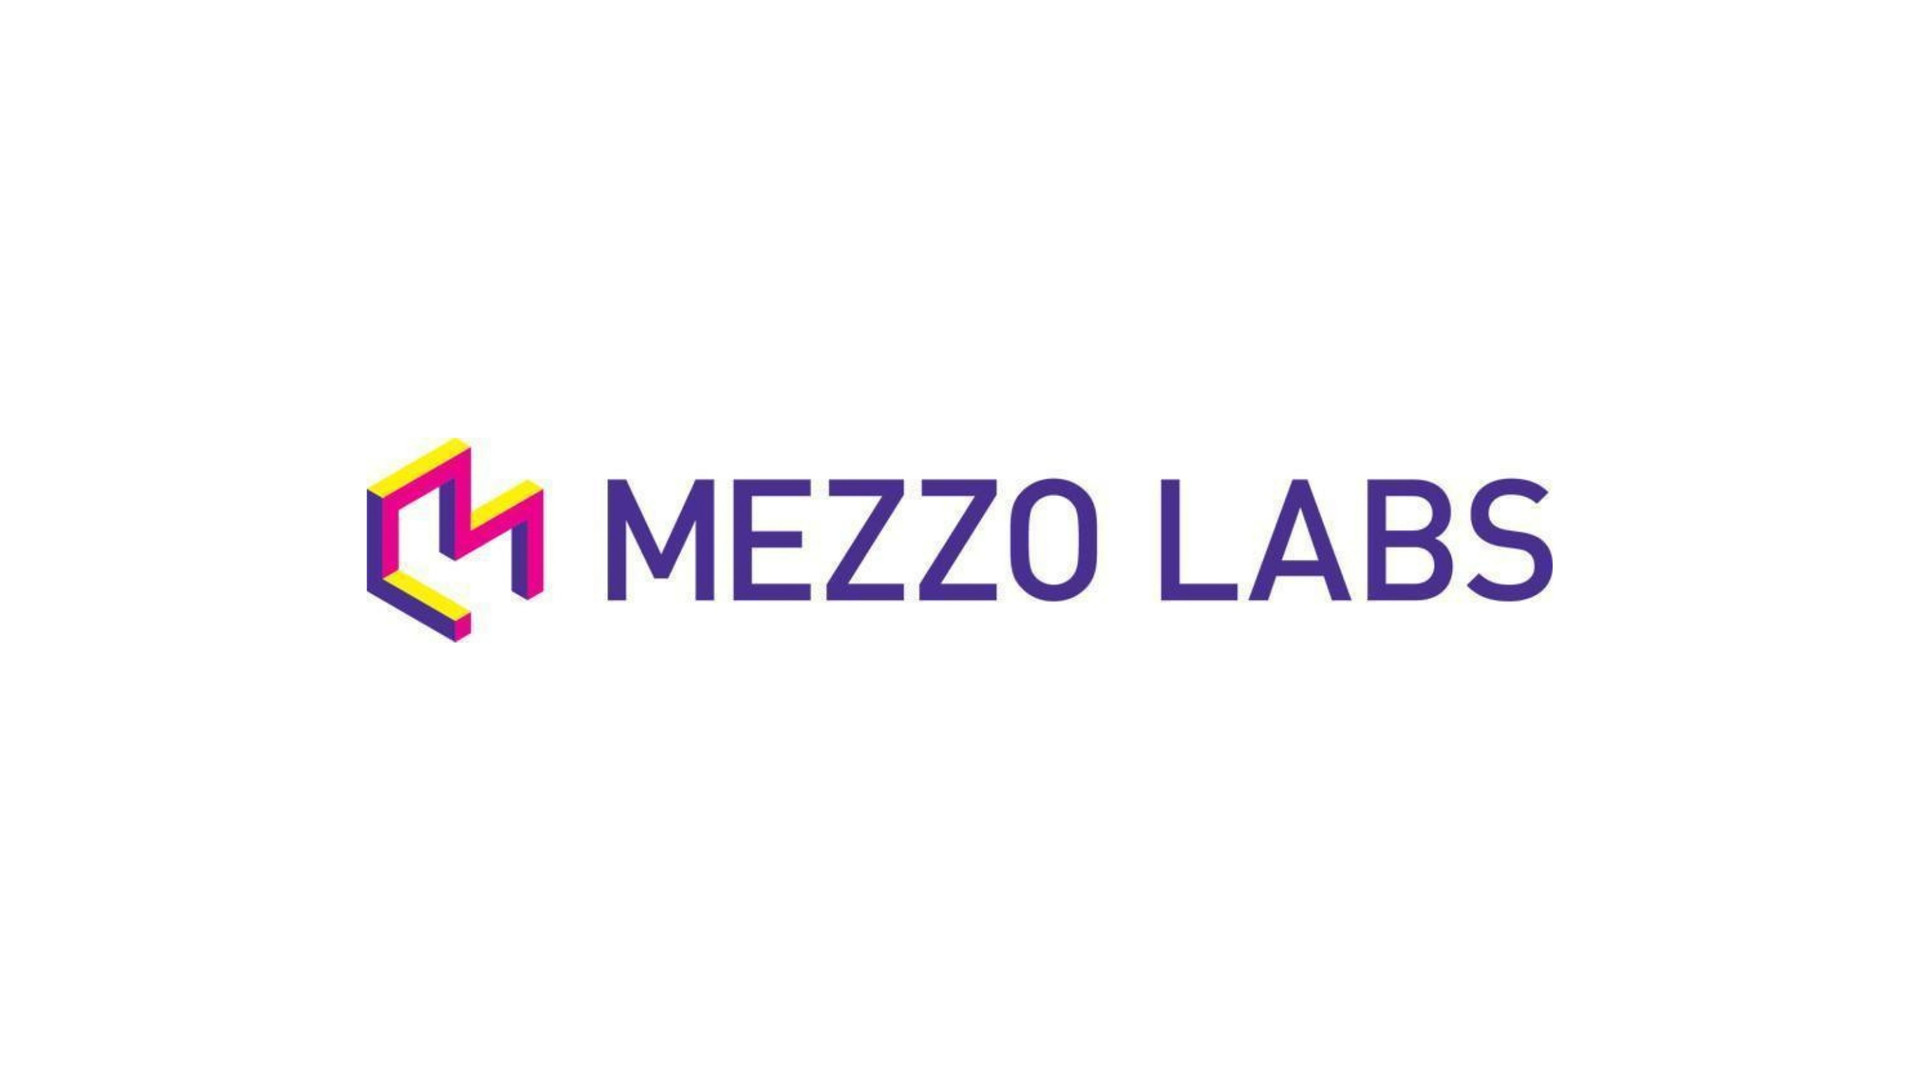 Mezzo Labs